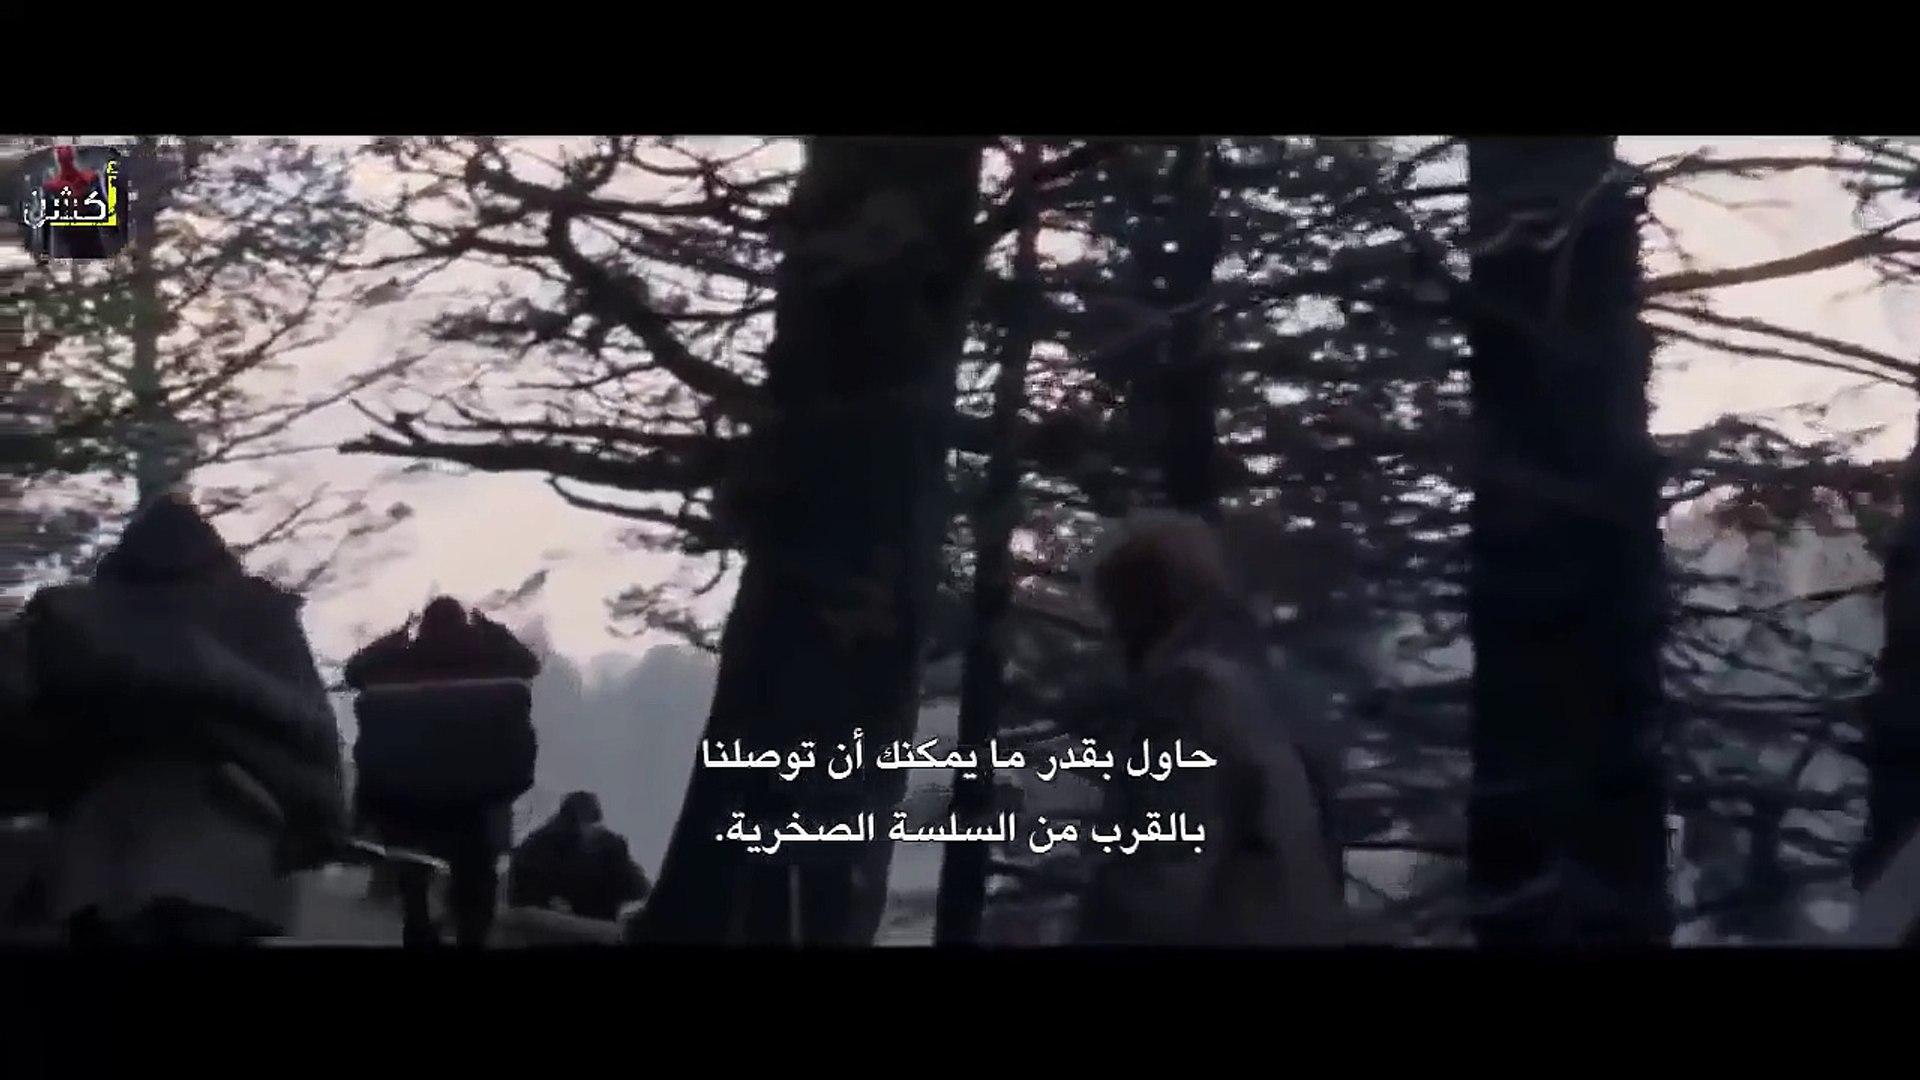 فيلم فاندام الجديد 2016 مترجم - 2016 فيلم الاكشن وقتال part 3/3